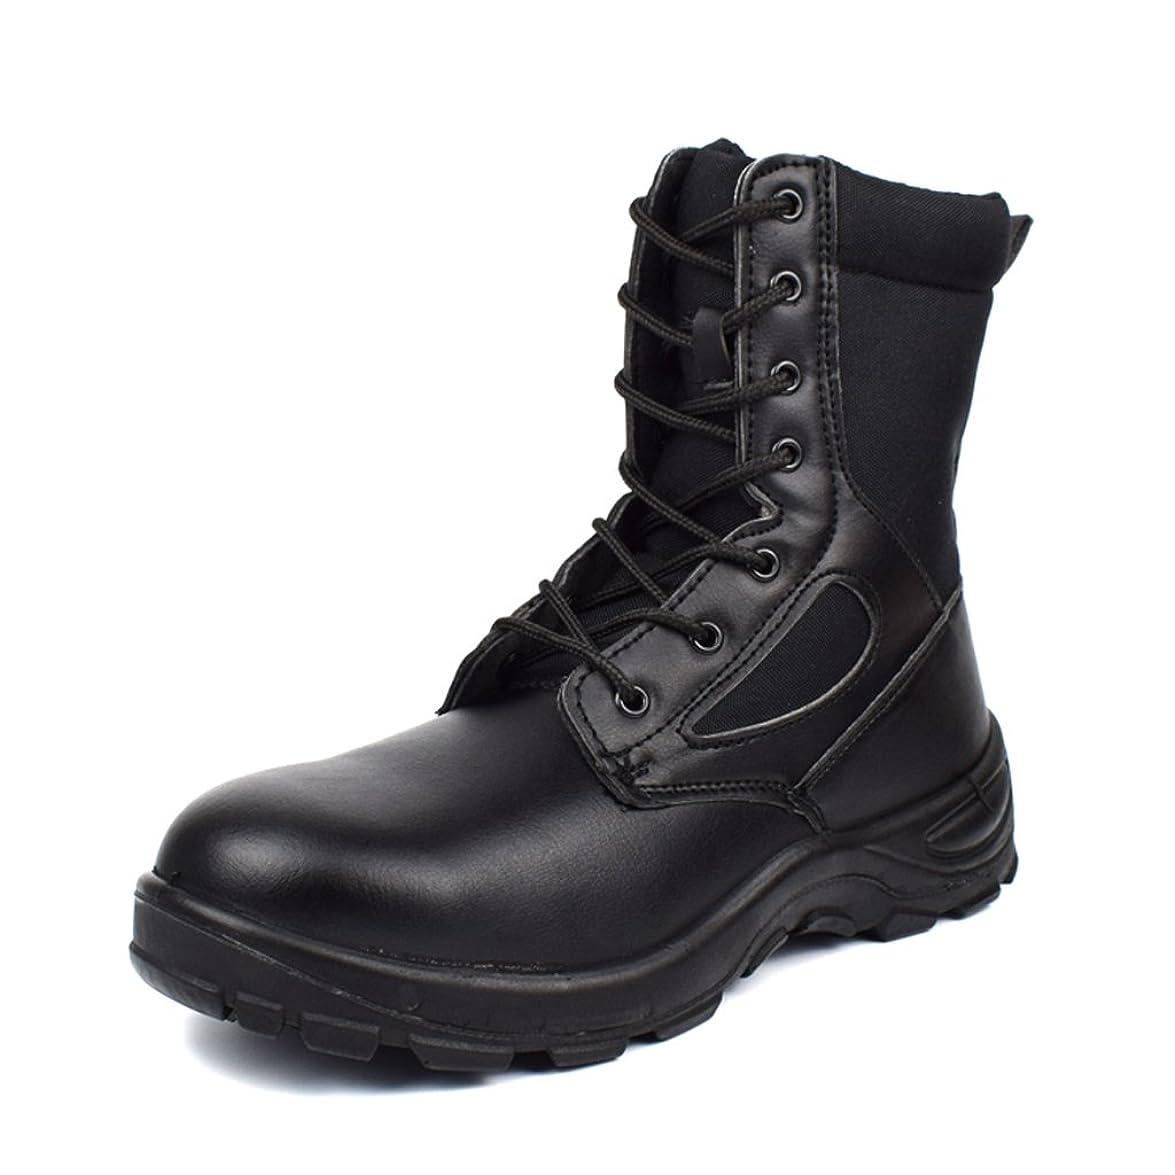 鉄遠足晩餐ミリタリーブーツ 安全靴 ジャングルブーツ 片足約550g 黒色 ブラック 防水 防滑 大きいサイズ 24cm-28cm